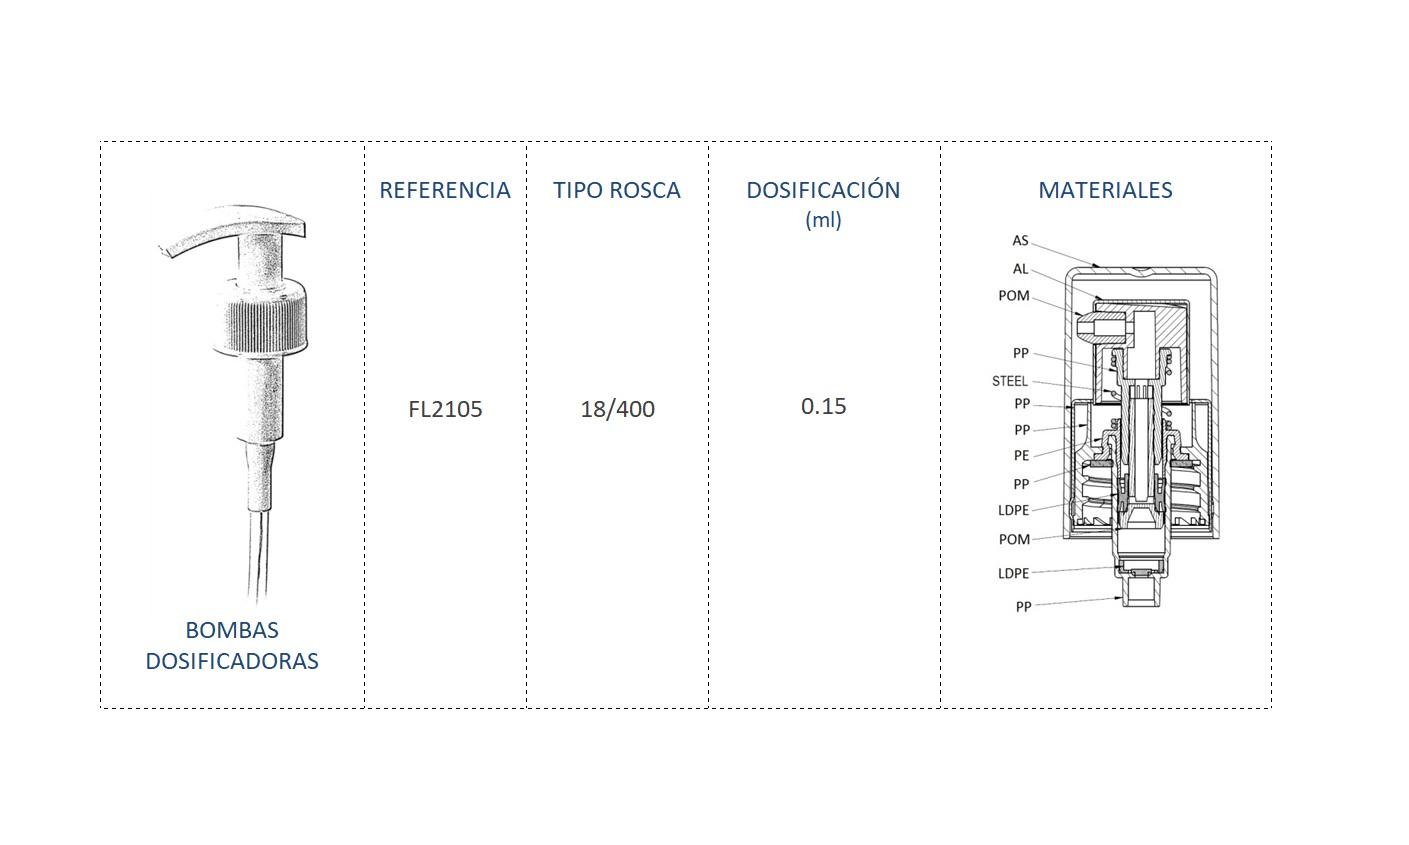 Cuadro materiales bomba dosificadora FL2105 18-400